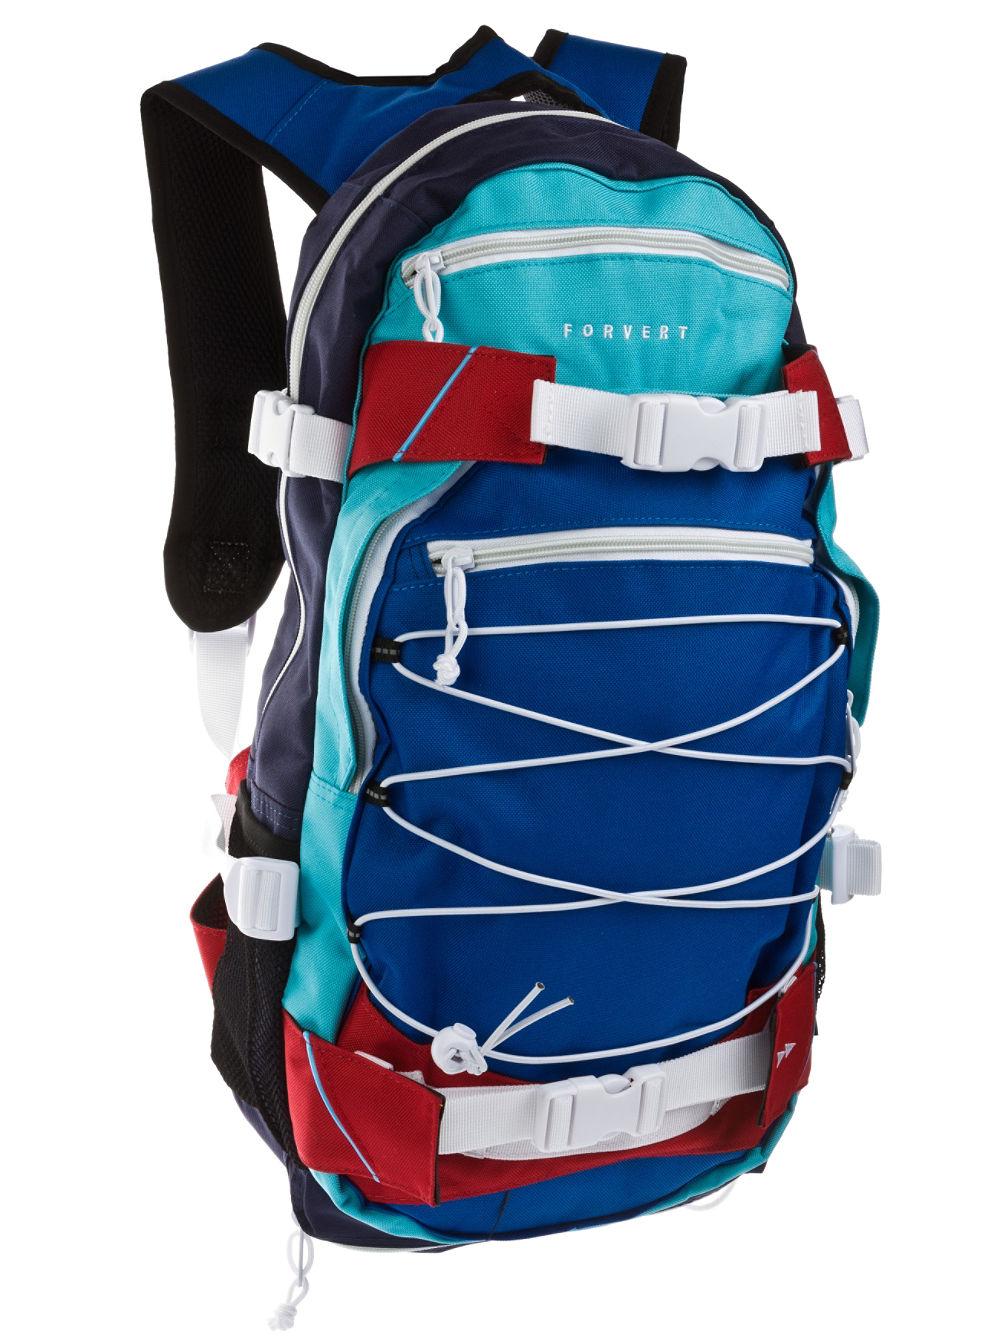 buy forvert ice louis backpack online at blue. Black Bedroom Furniture Sets. Home Design Ideas